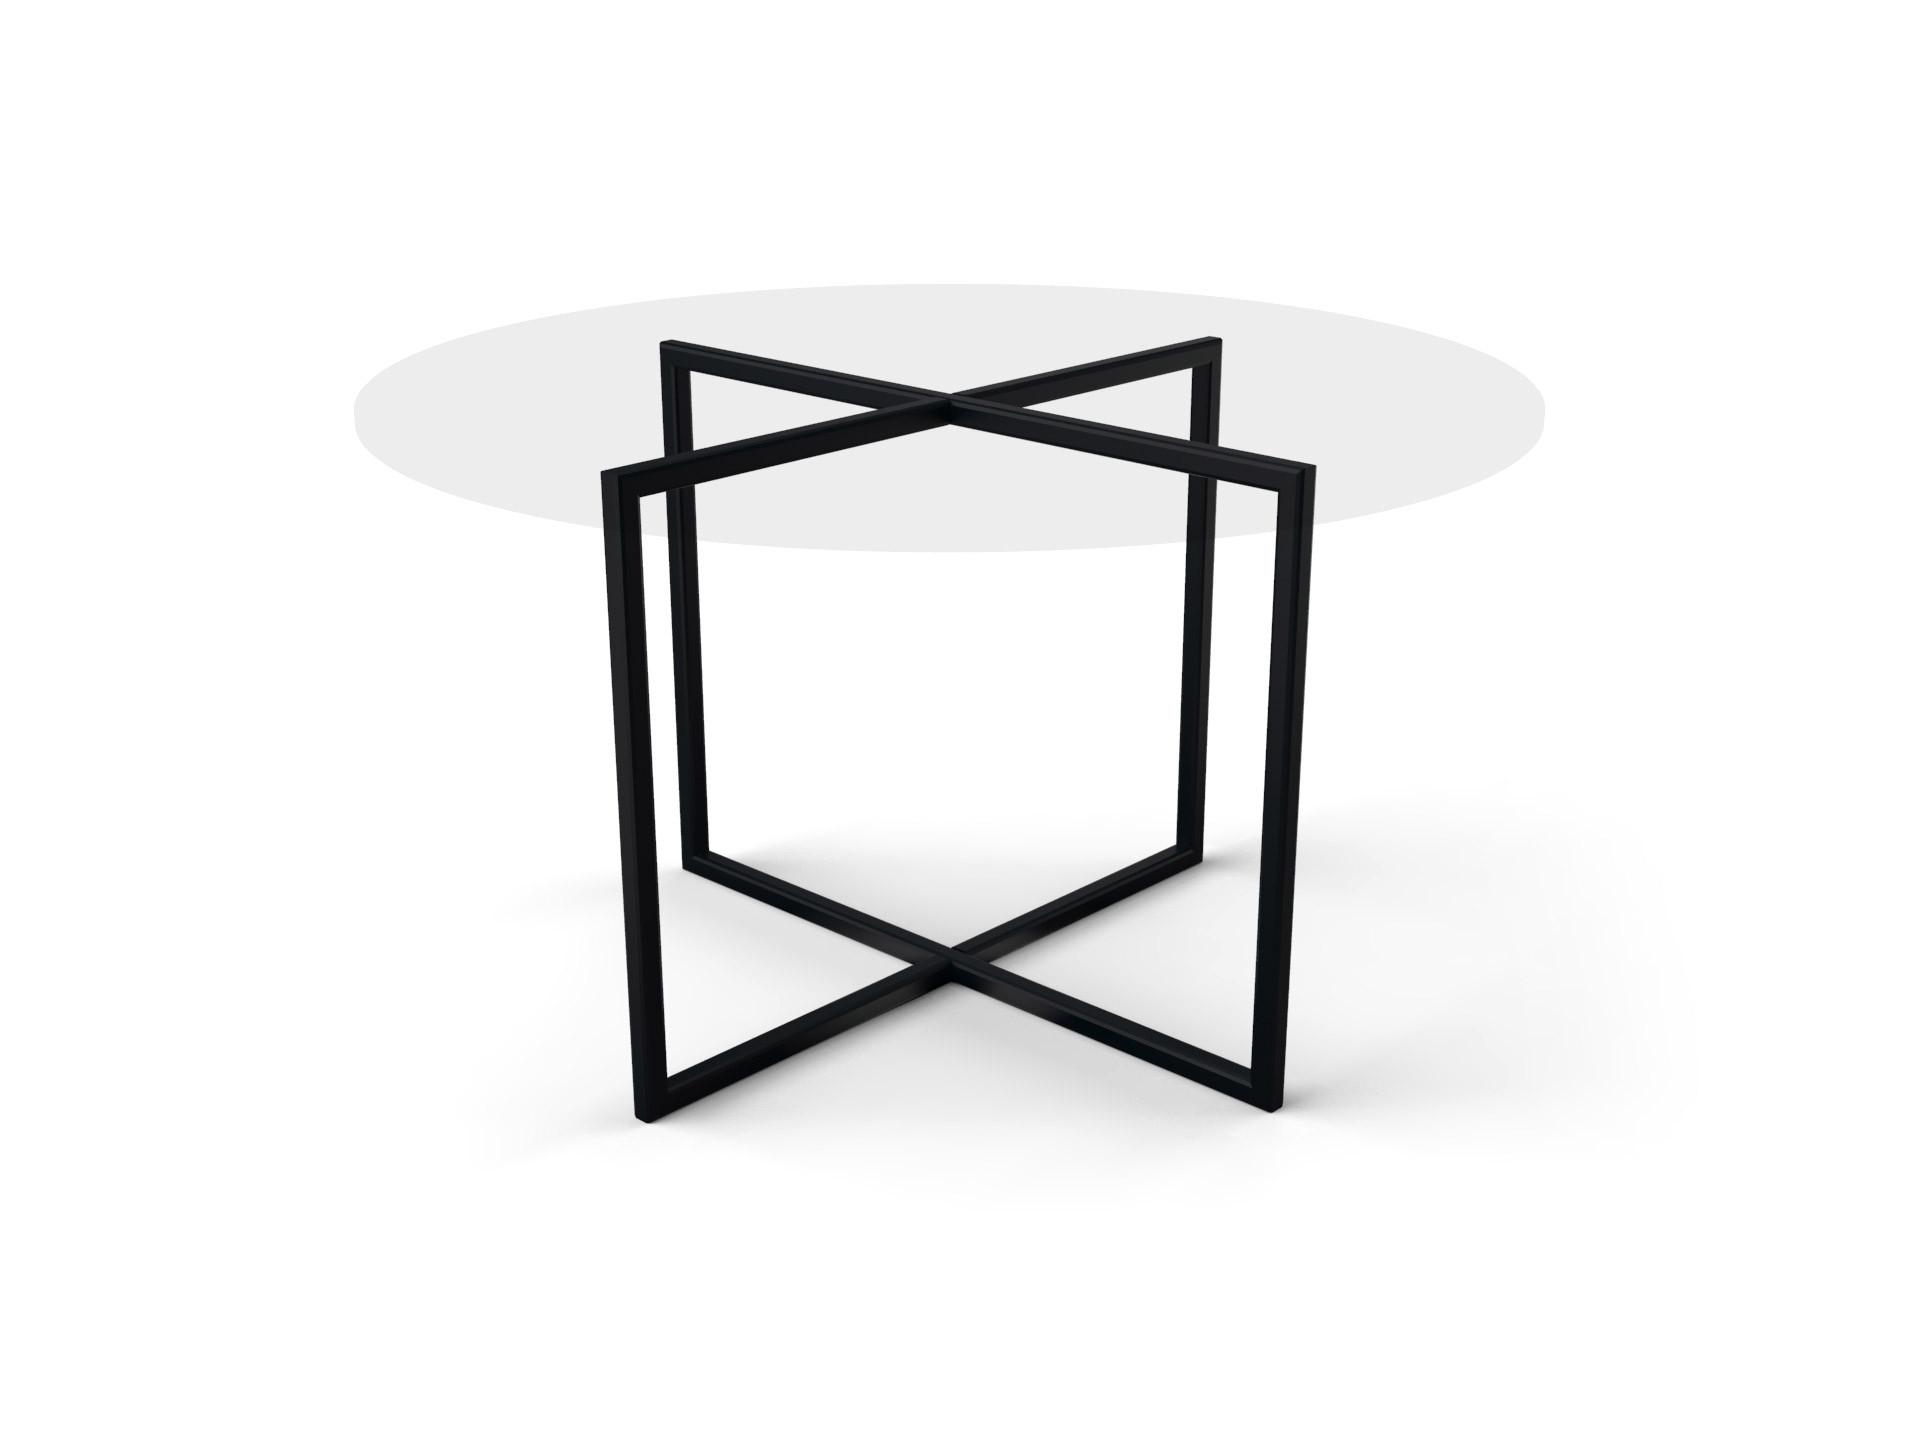 Tafelonderstel Lexo 980x980mm zwart (mat, zandkorrelstructuur) gecoat